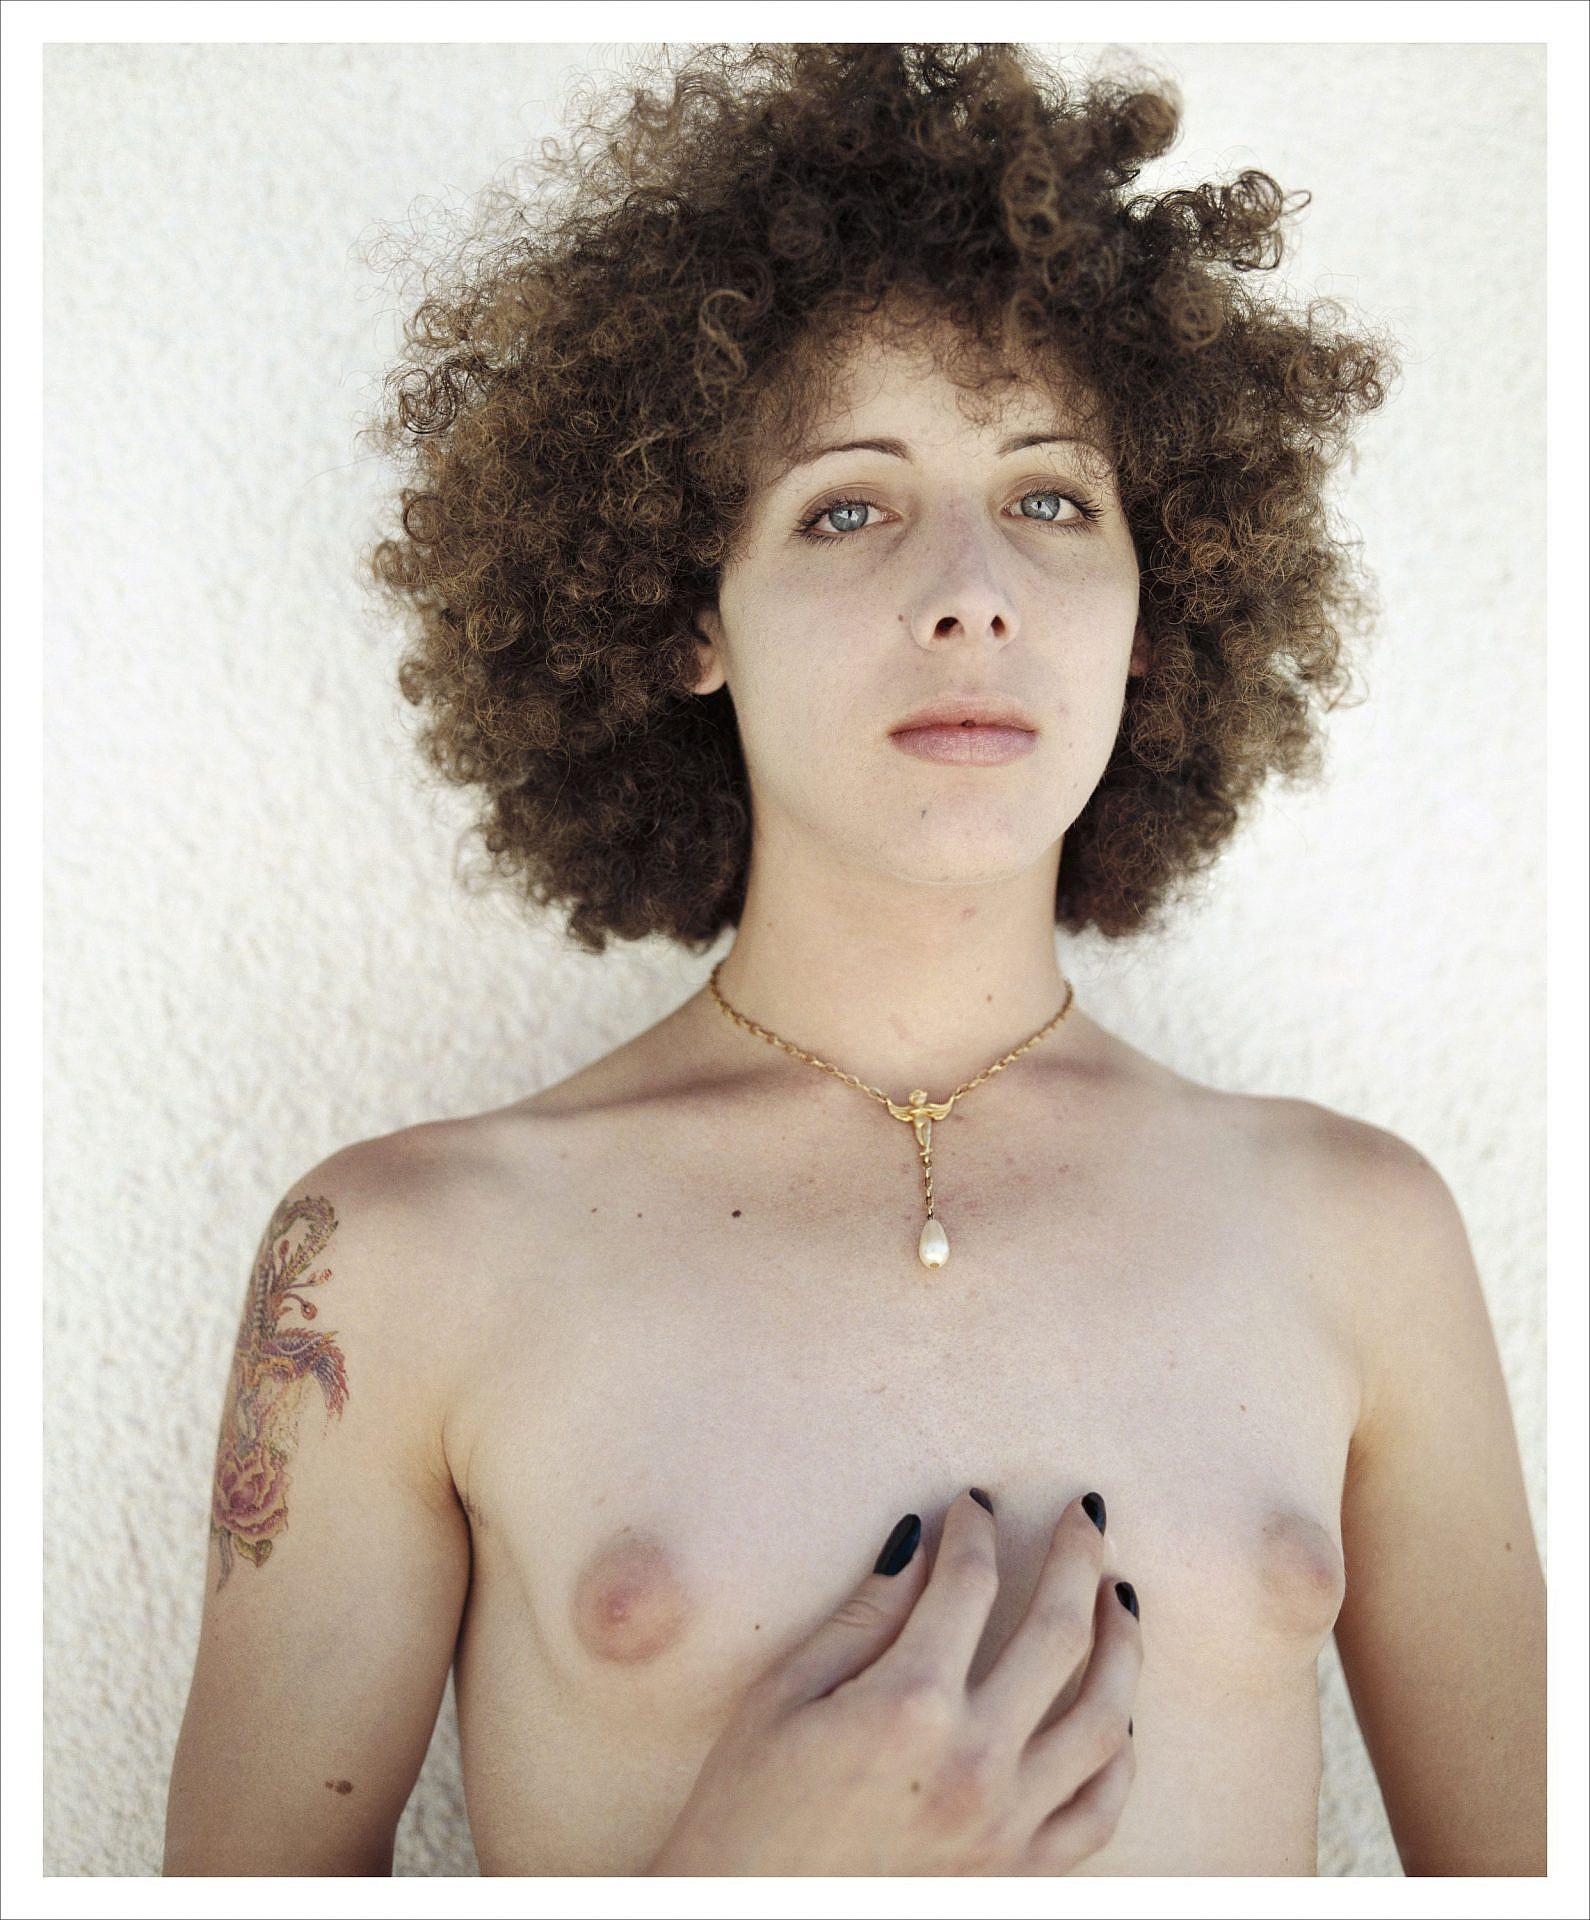 טהור, רונה יפמן, 2001 (מתוך אוסף מוזיאון חיפה לאמנות)